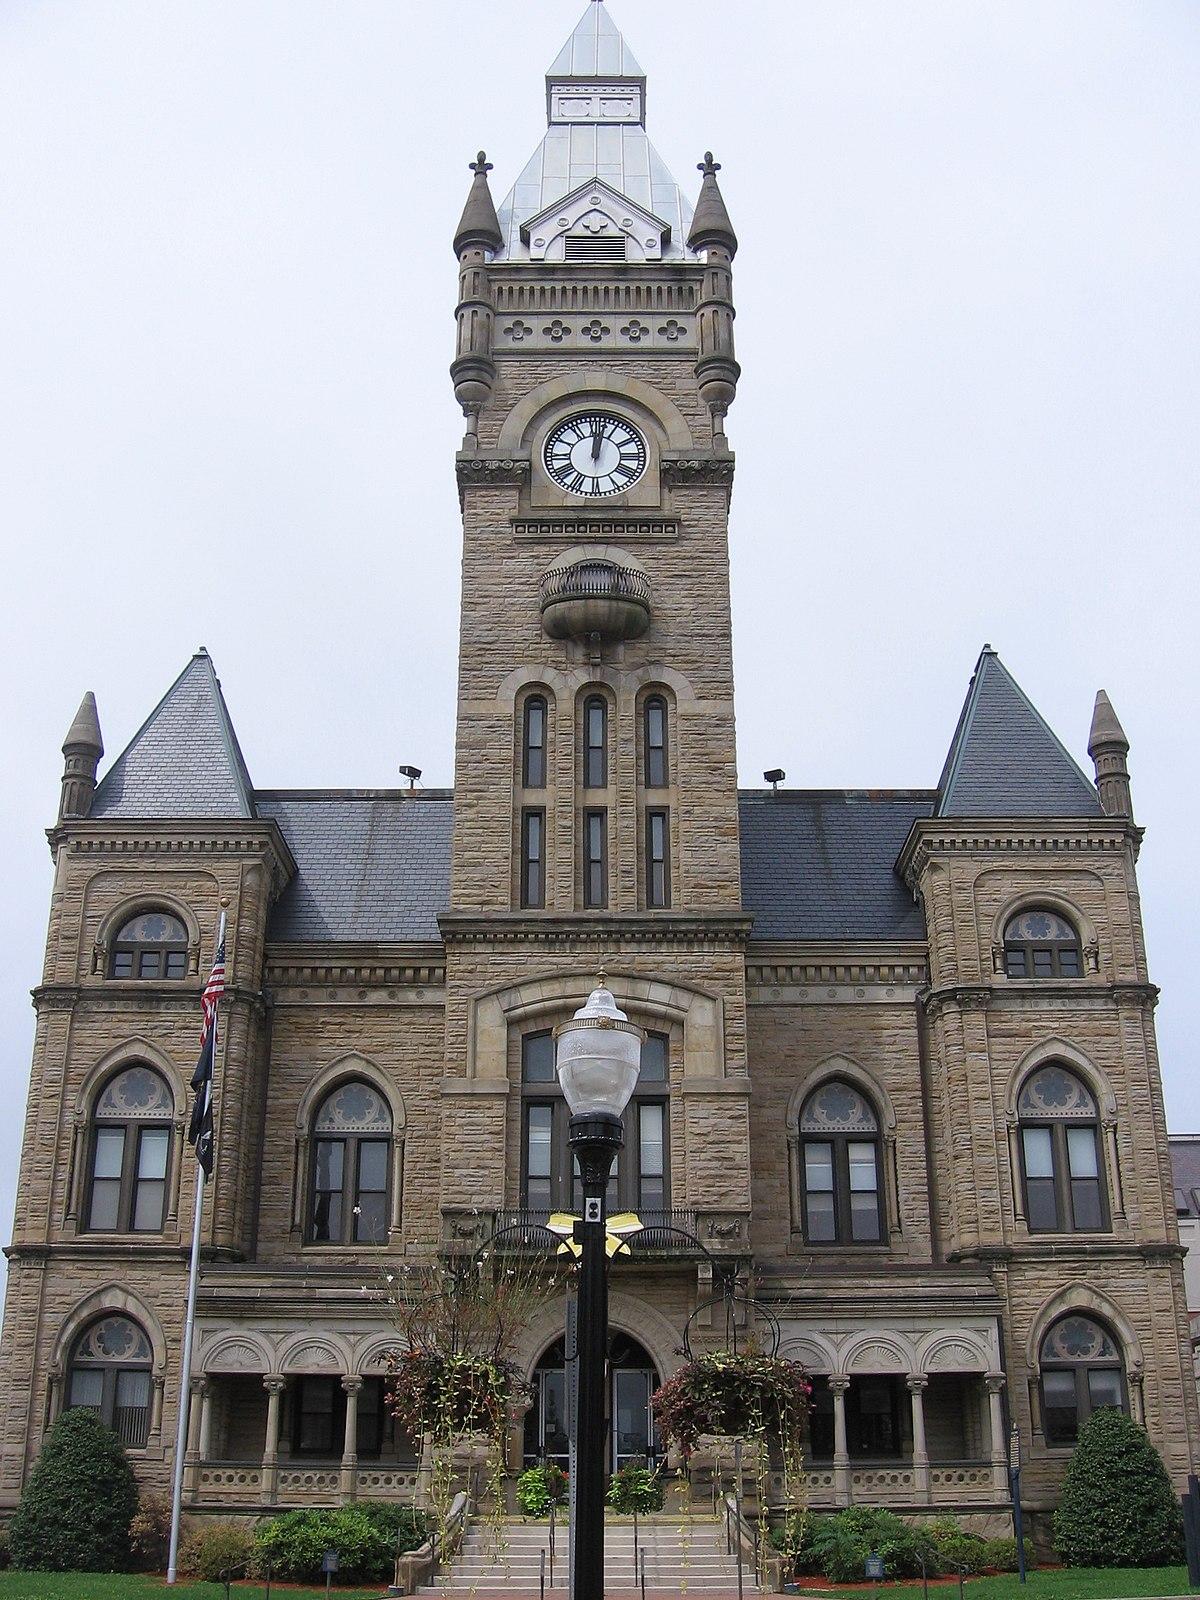 Butler county pennsylvania wikipedia for Butler building homes